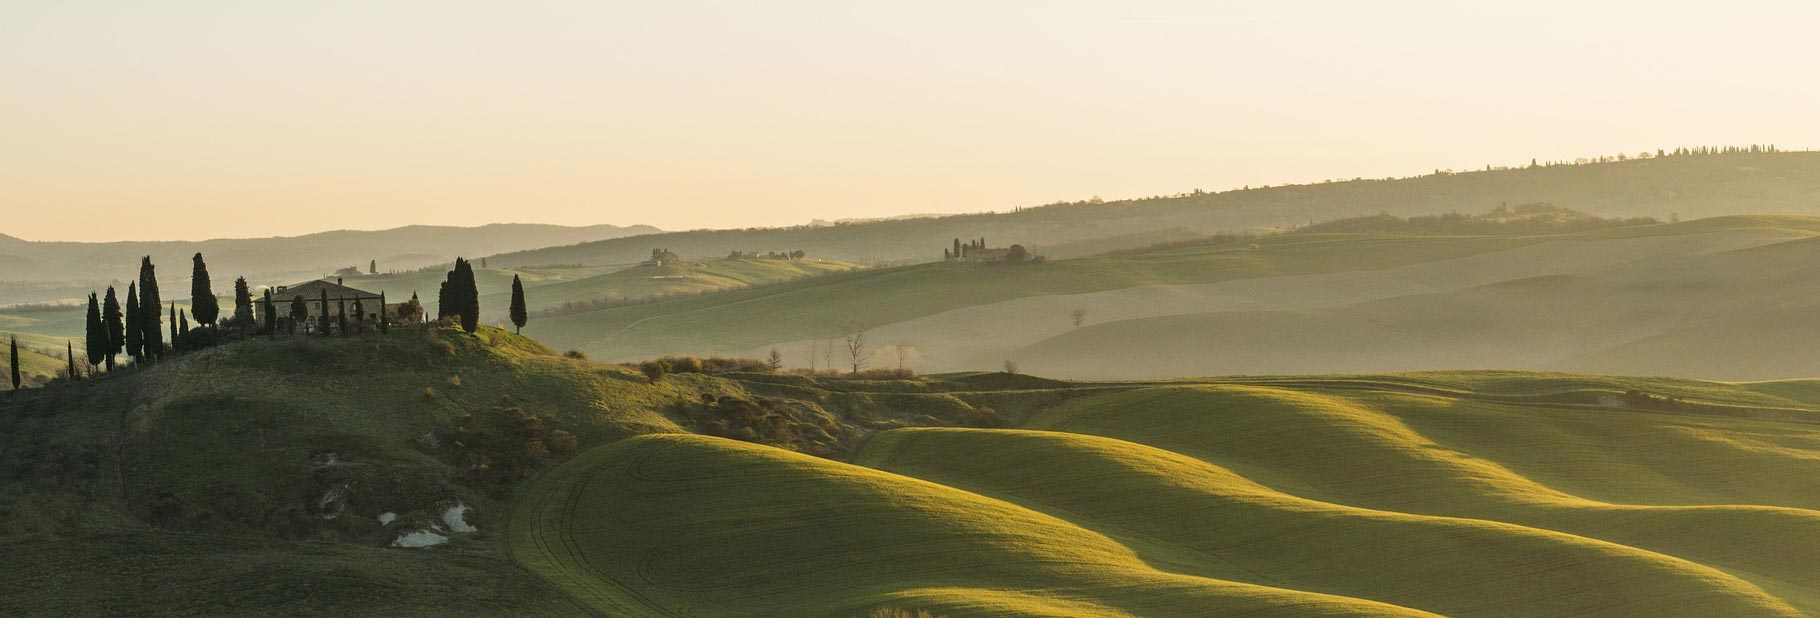 Le colline della Toscana